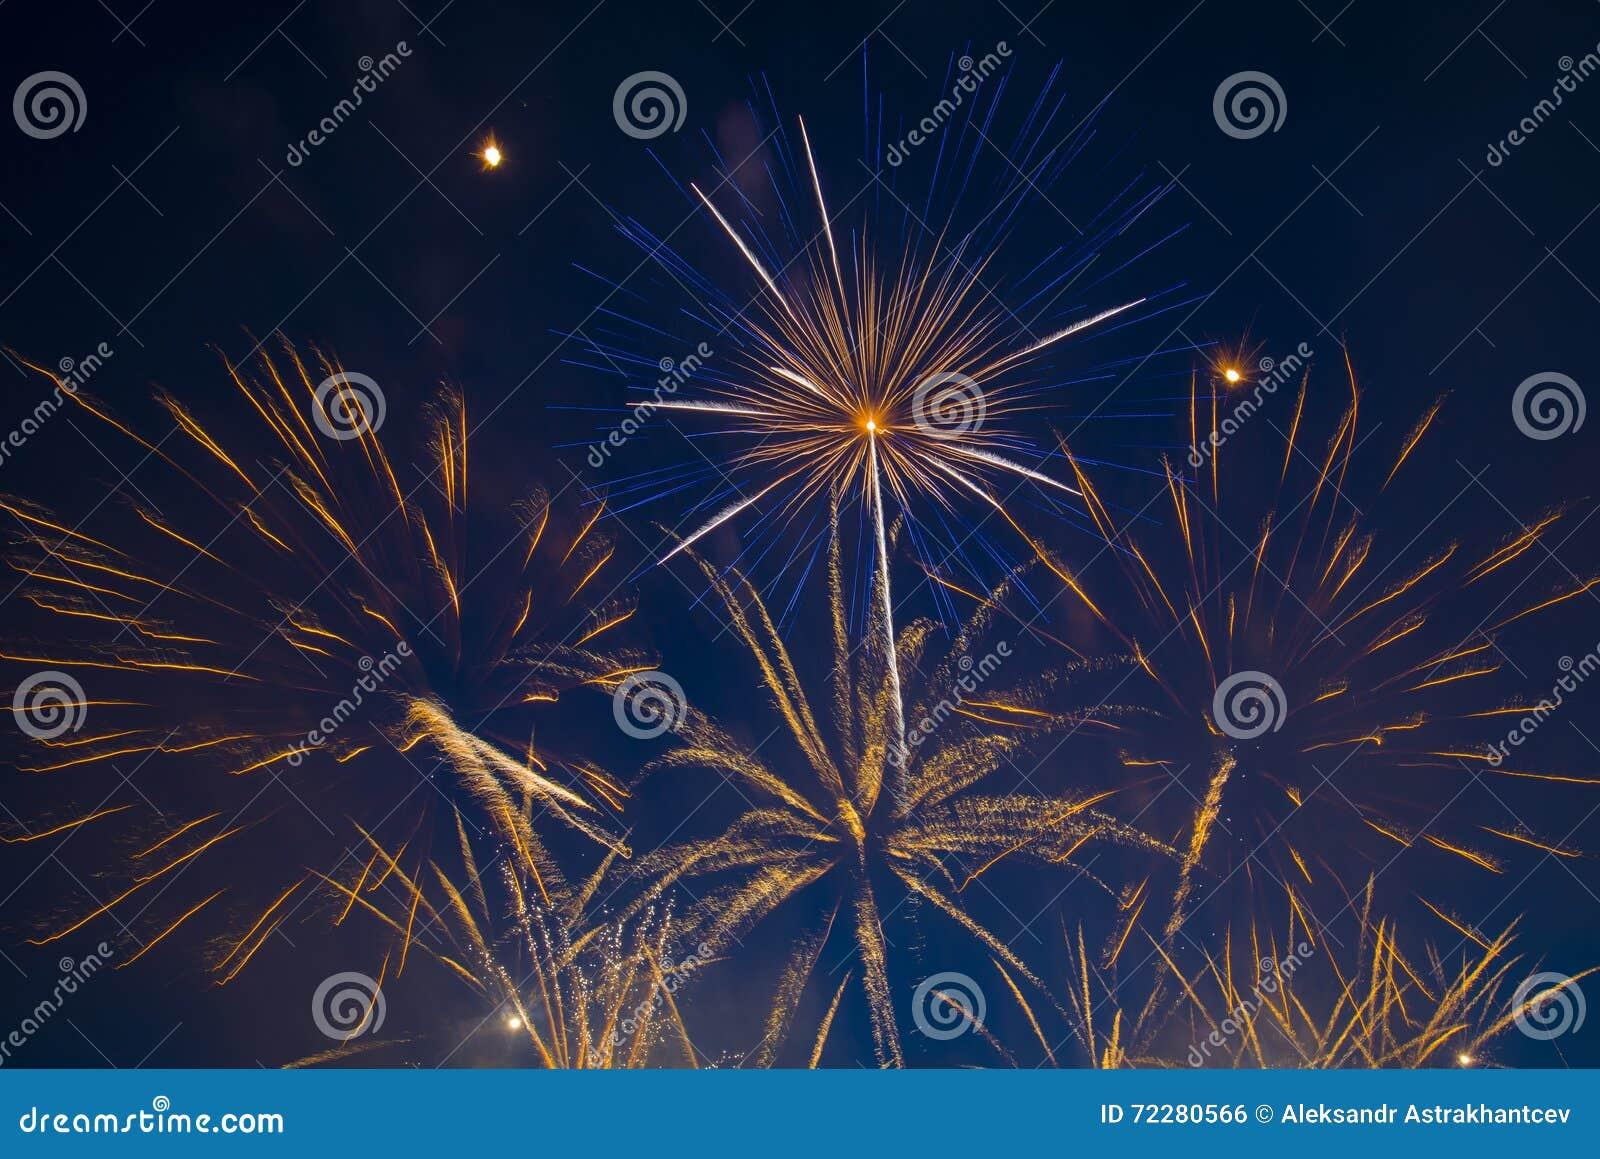 Download небо независимости 2 голубое феиэрверков мрачного дня Стоковое Фото - изображение насчитывающей часть, празднует: 72280566